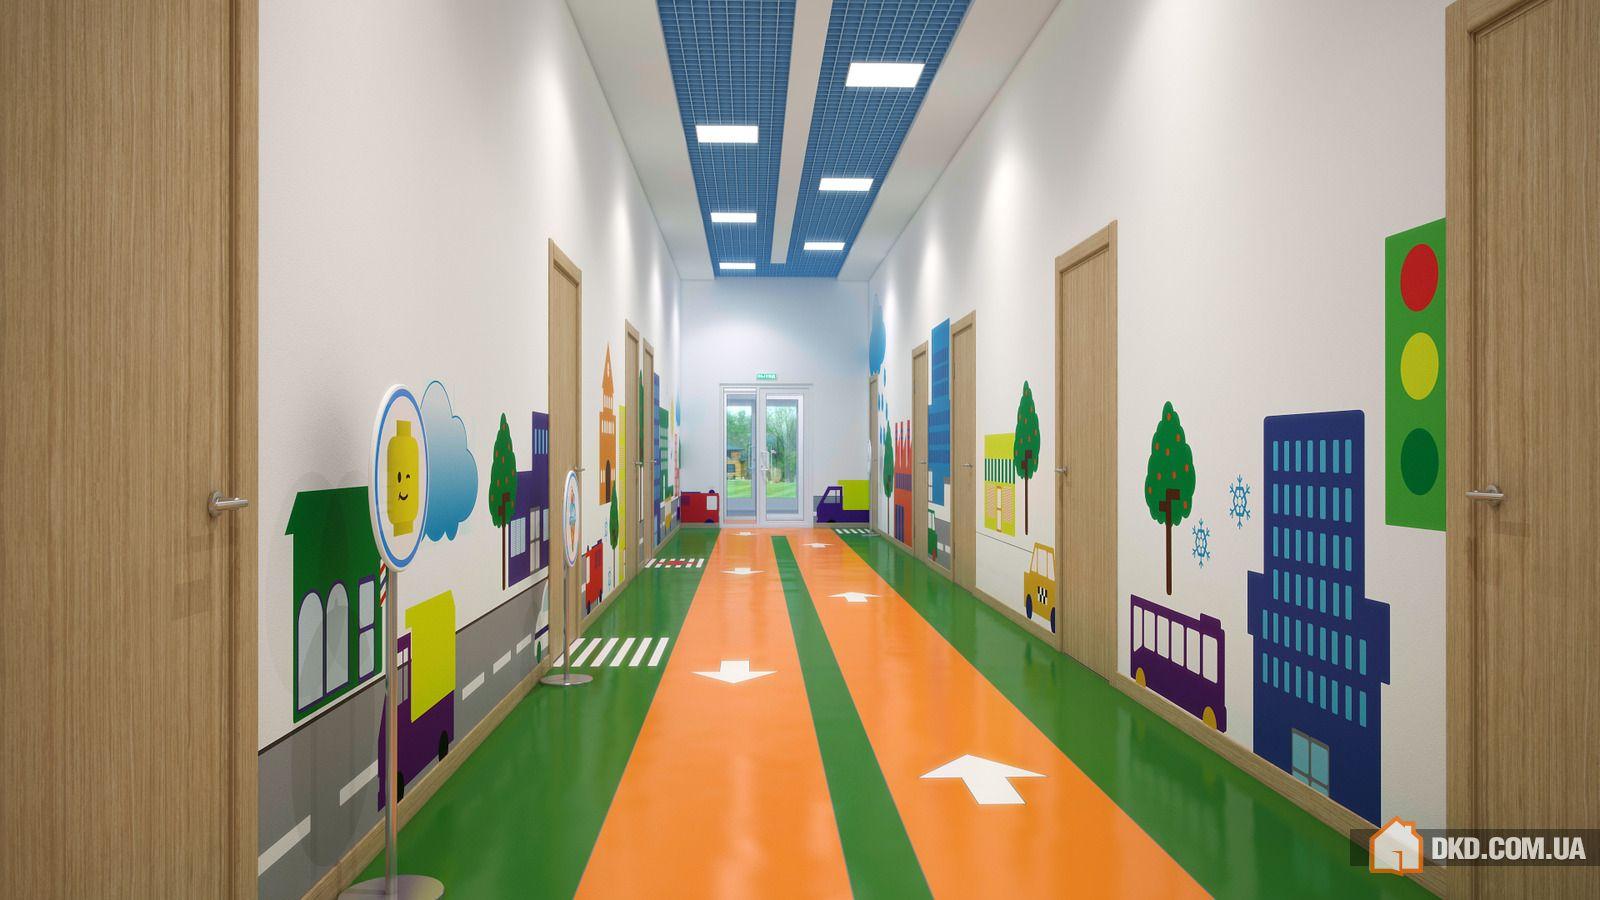 Оформление коридоров школы своими руками